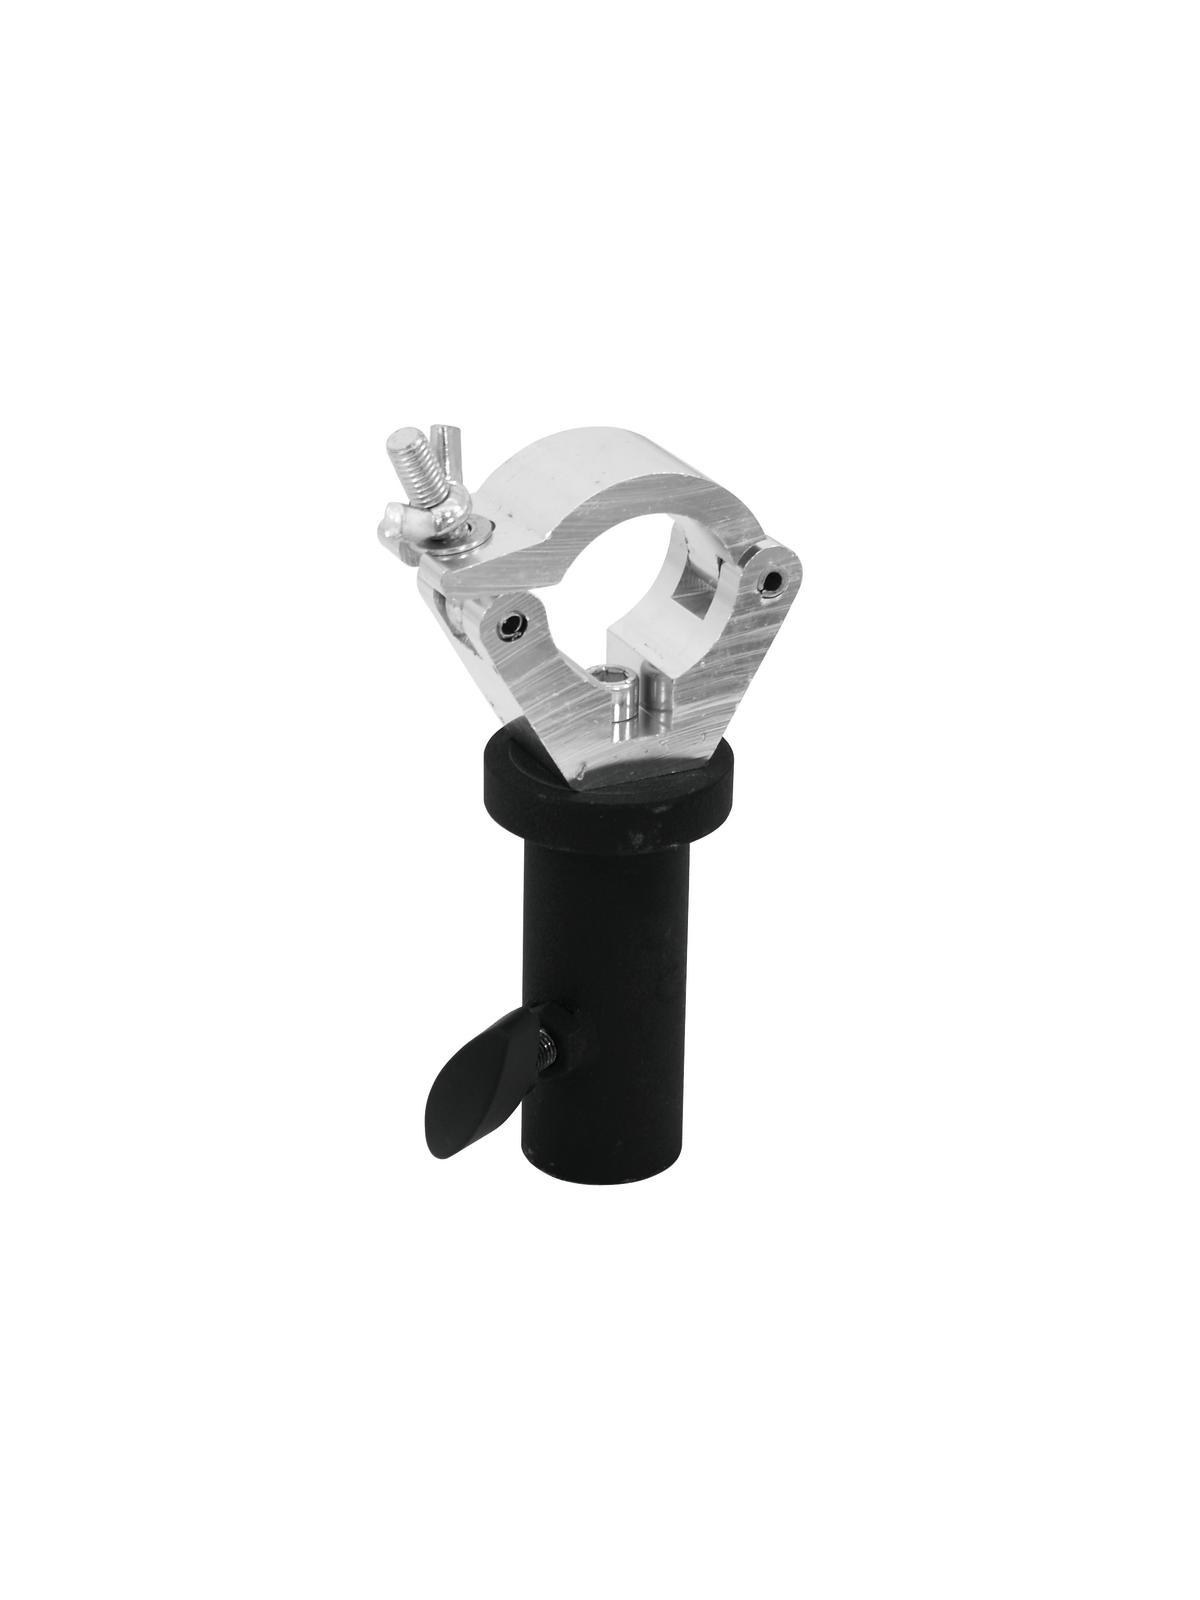 EUROLITE STR-3550 Adattatore accoppiatore